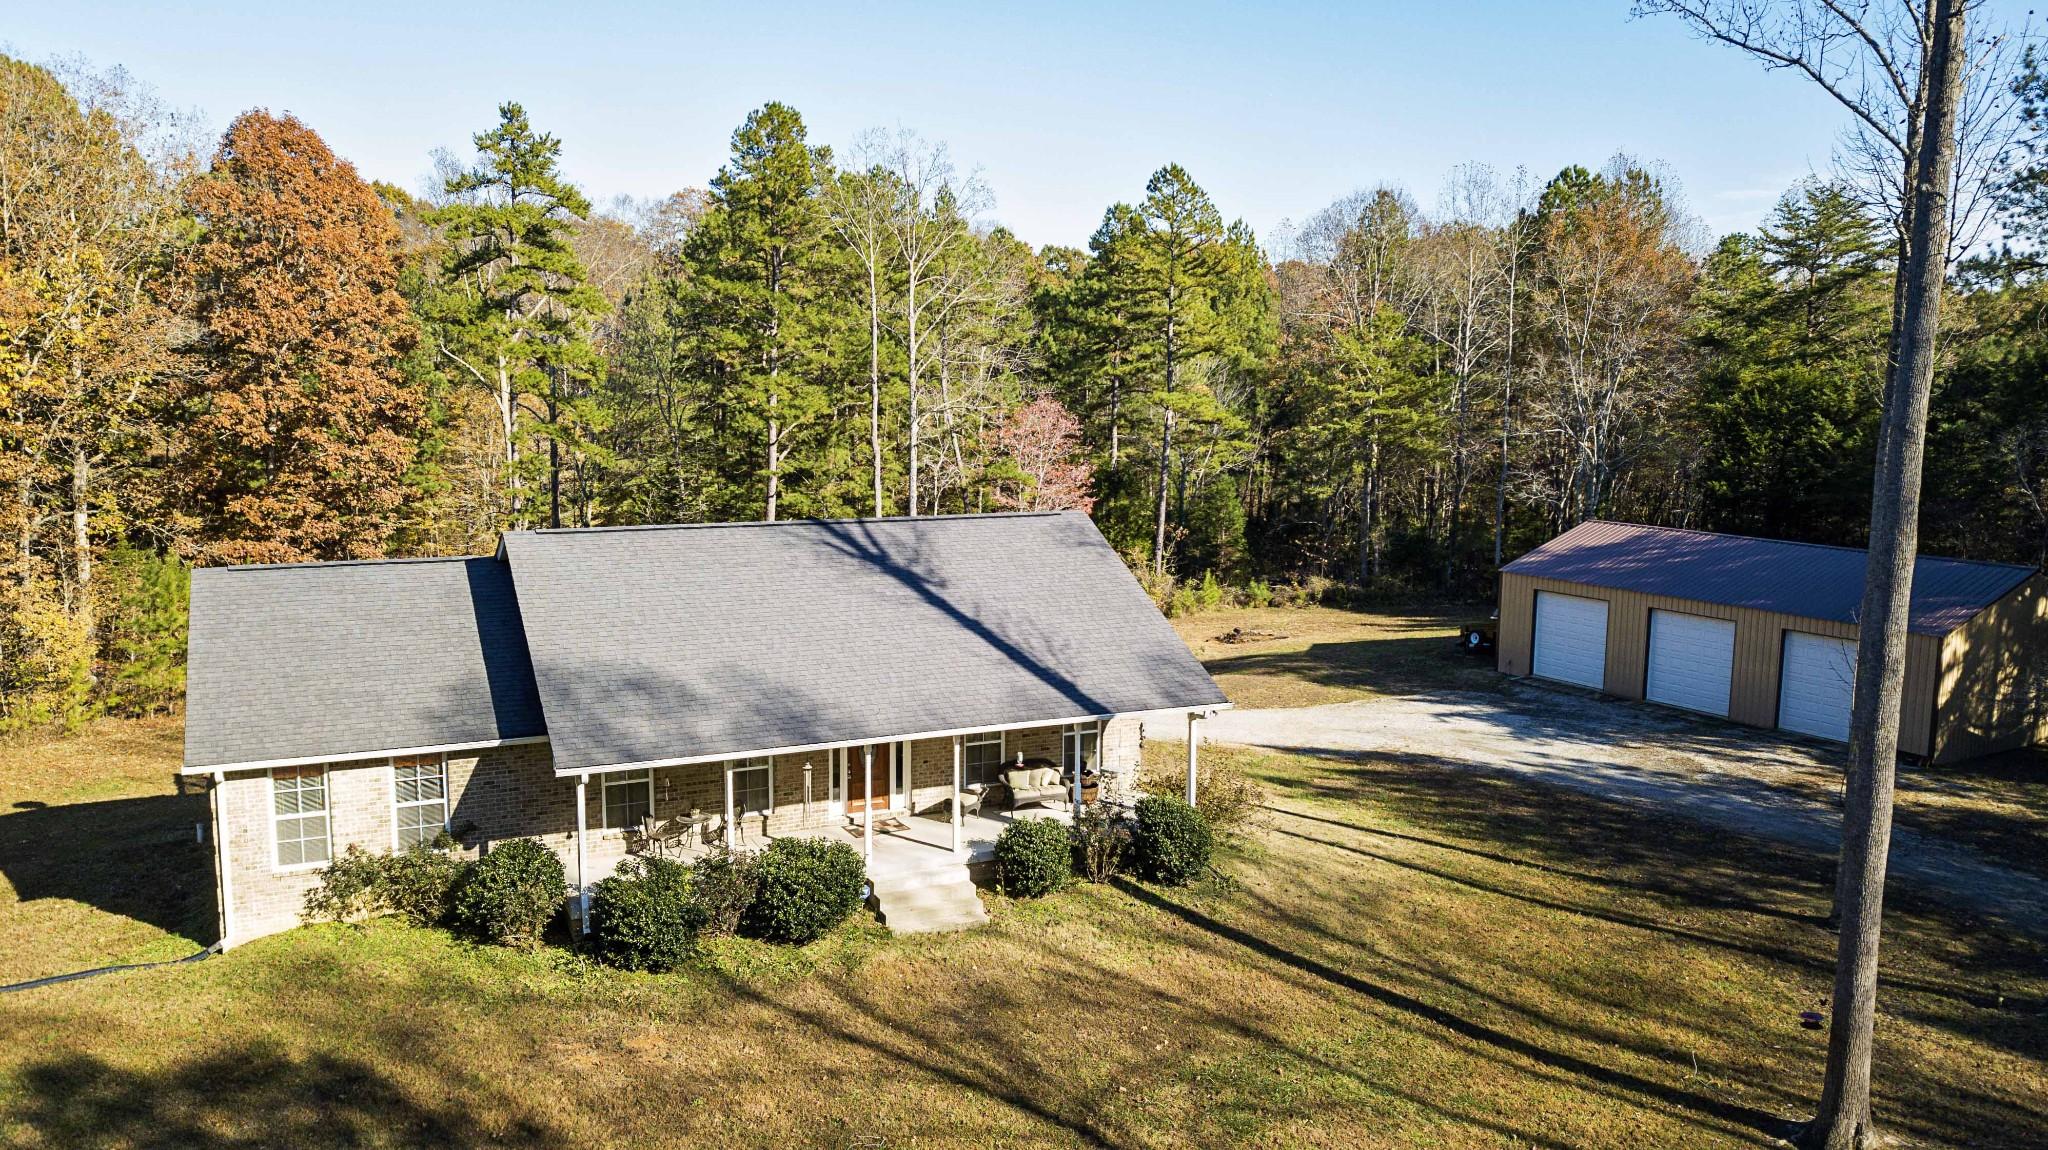 8165 S Tatum Creek Rd, Lyles, TN 37098 - Lyles, TN real estate listing